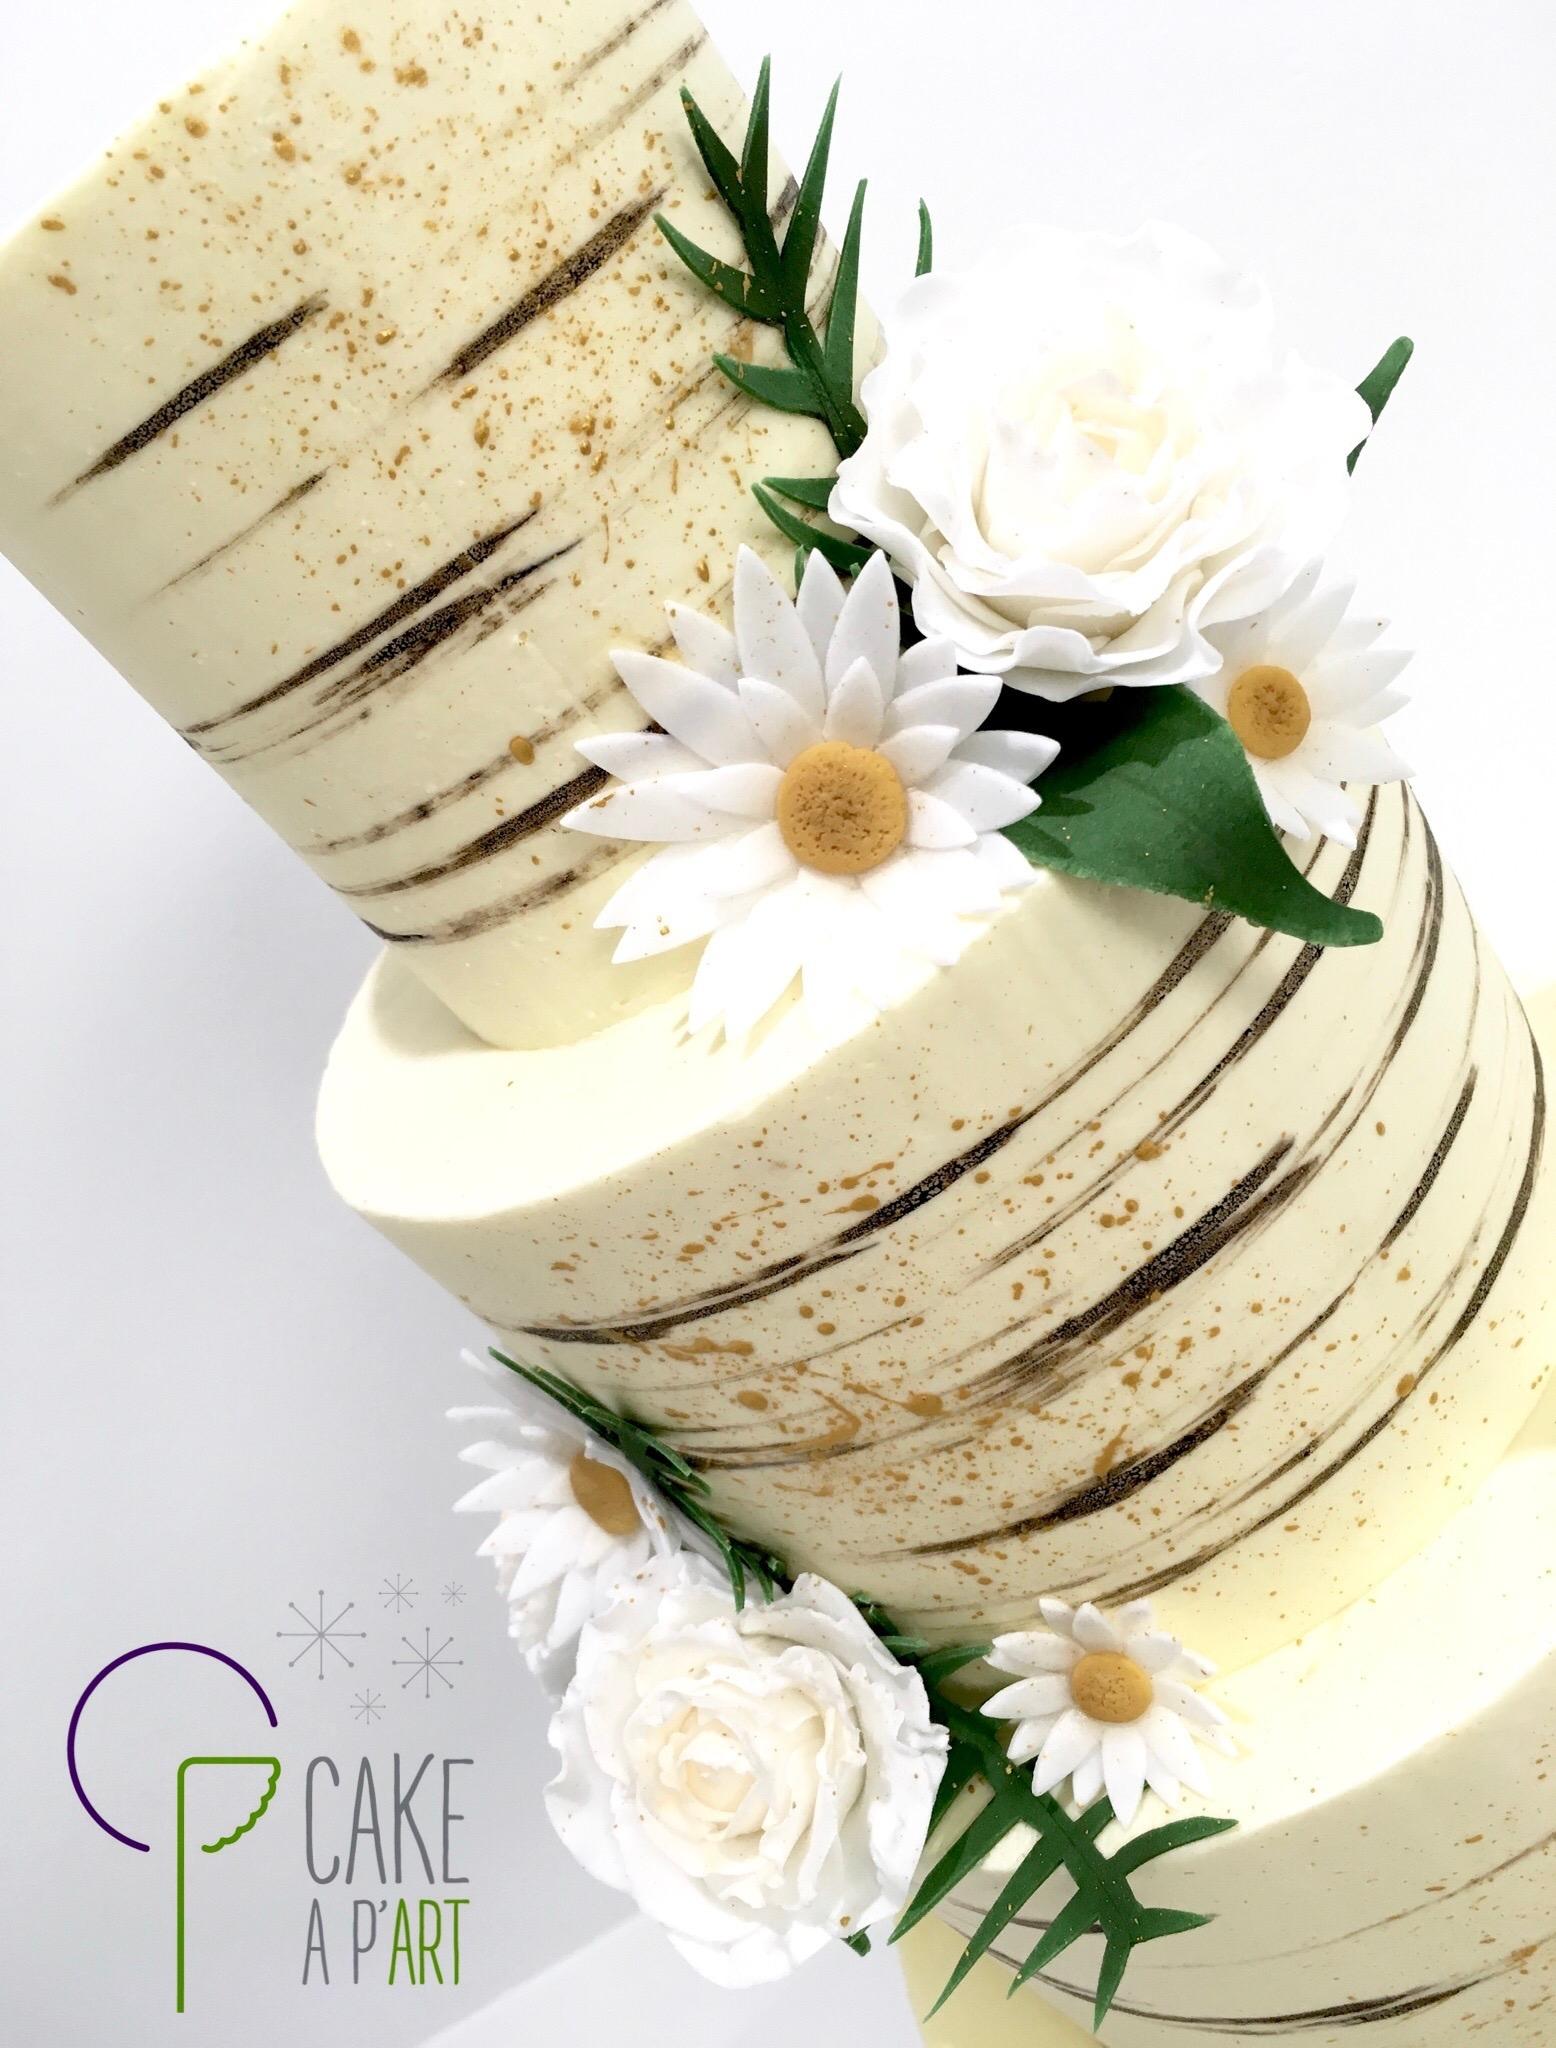 Décor en sucre gâteaux personnalisés - Nude Cake Mariage Roses et marguerites